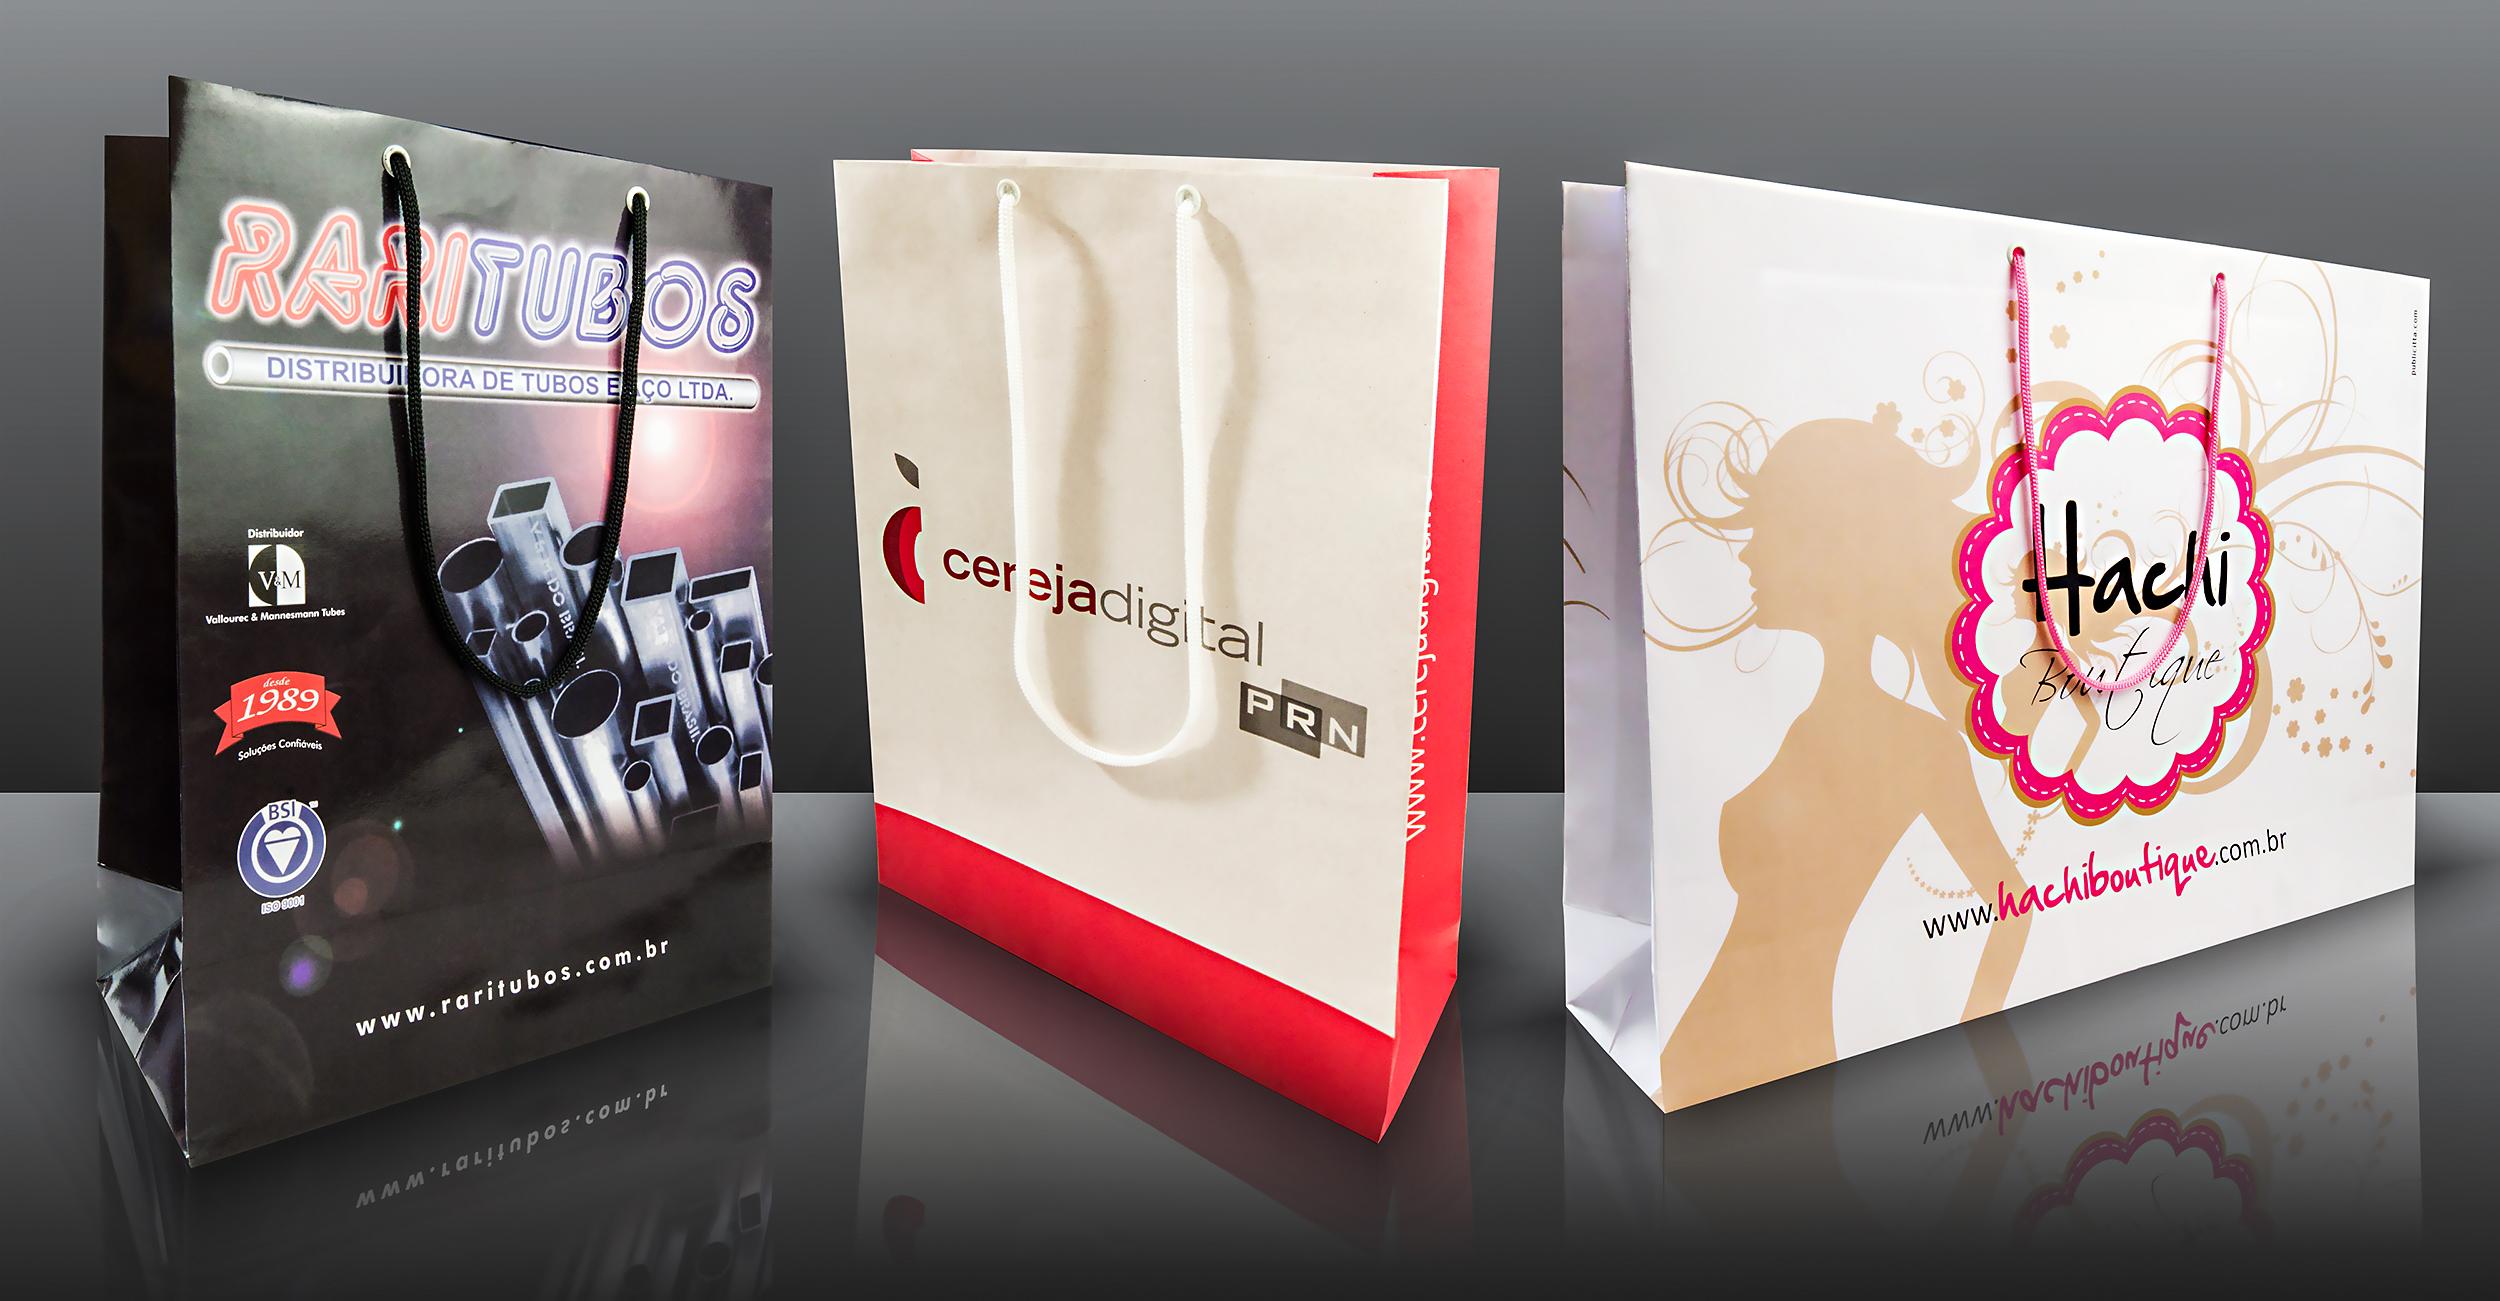 fotografo-de-produtos-09.jpg